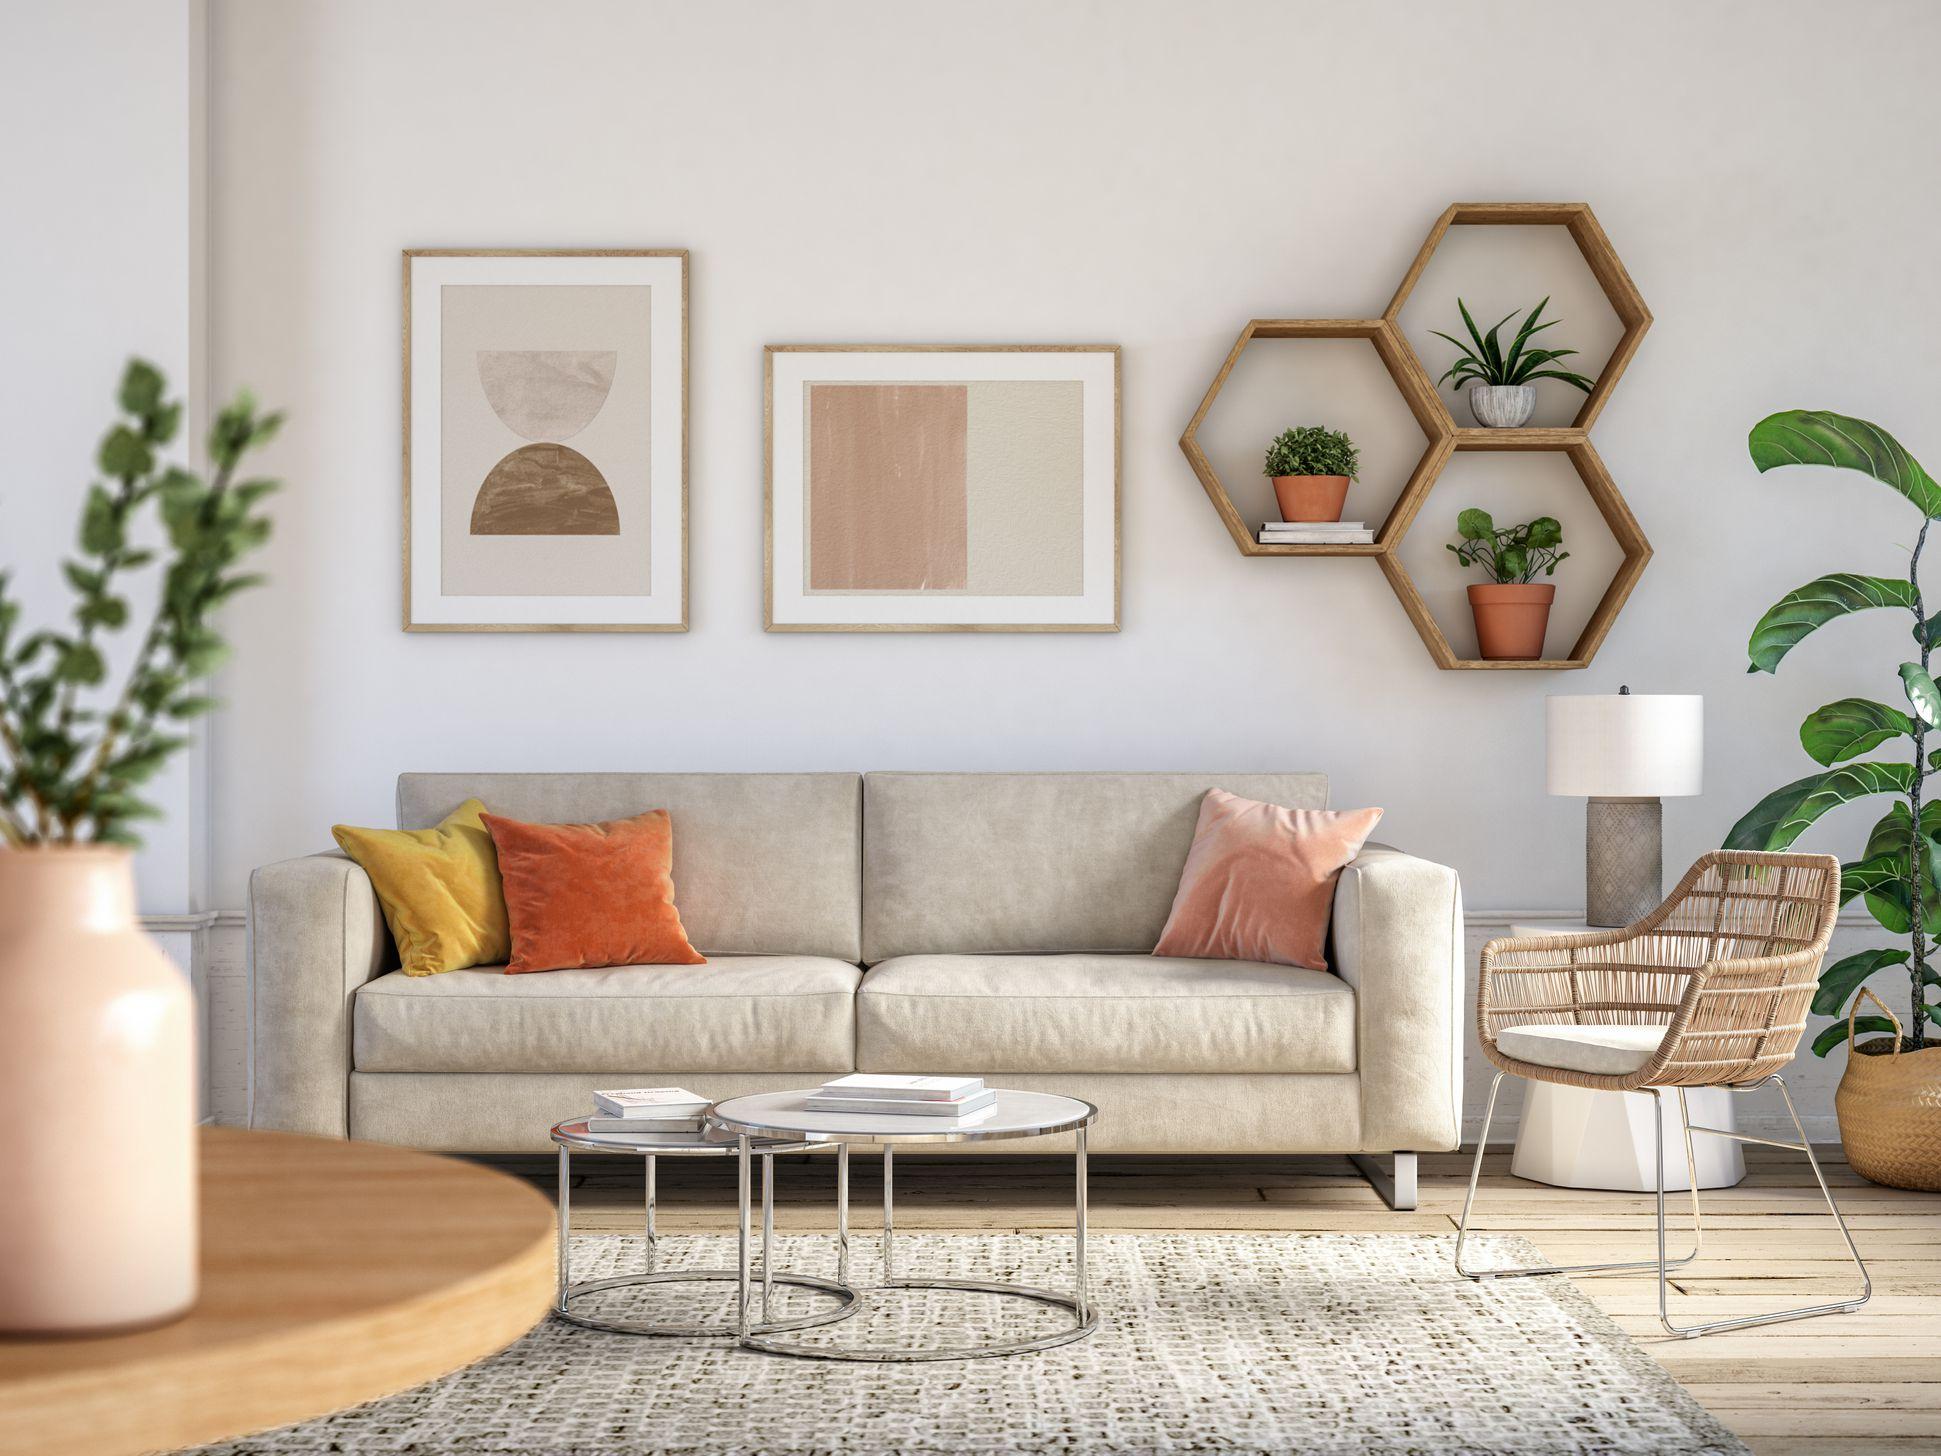 Làm thế nào để mua một chiếc ghế sofa chất lượng, sử dụng bền lâu?